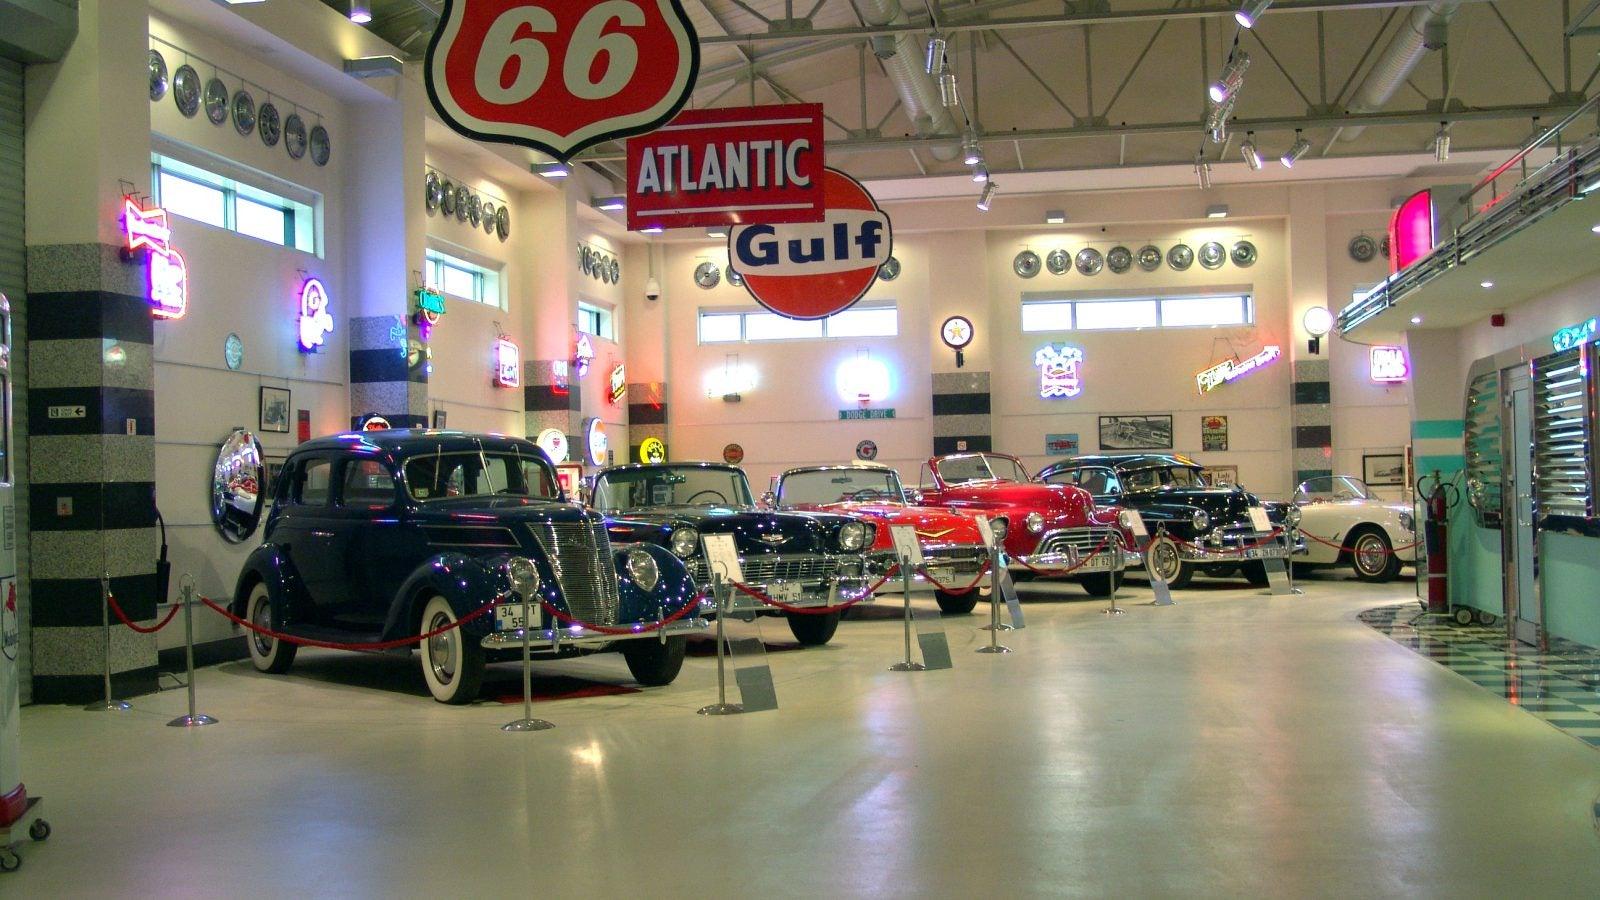 vintage cars at Ural Ataman museum